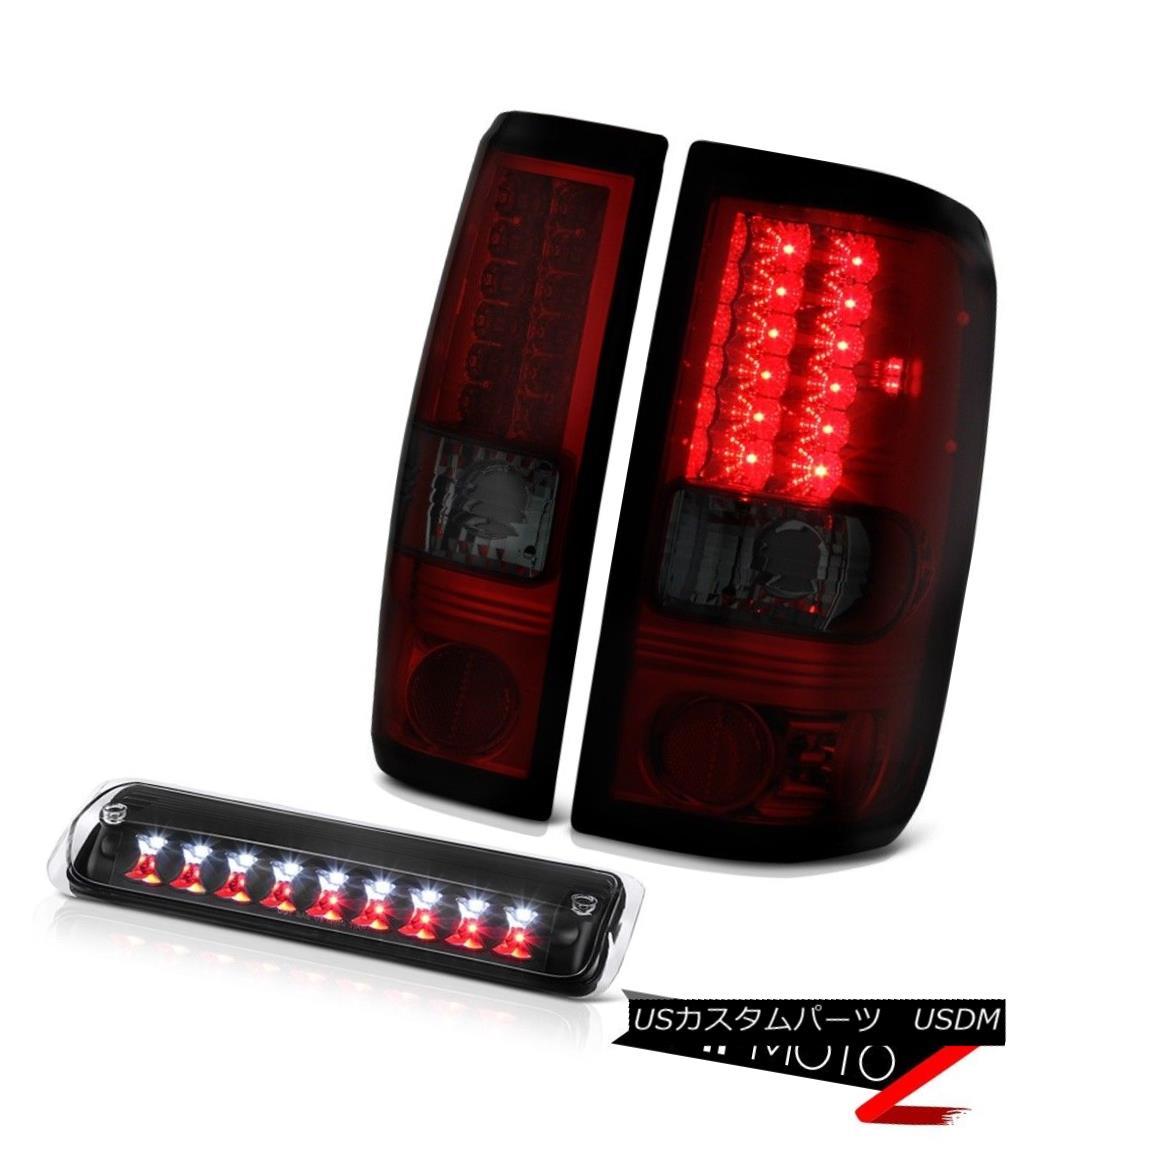 テールライト 2004-2008 Ford F150 STX Nighthawk Black Roof Cab Light Tail Lamps